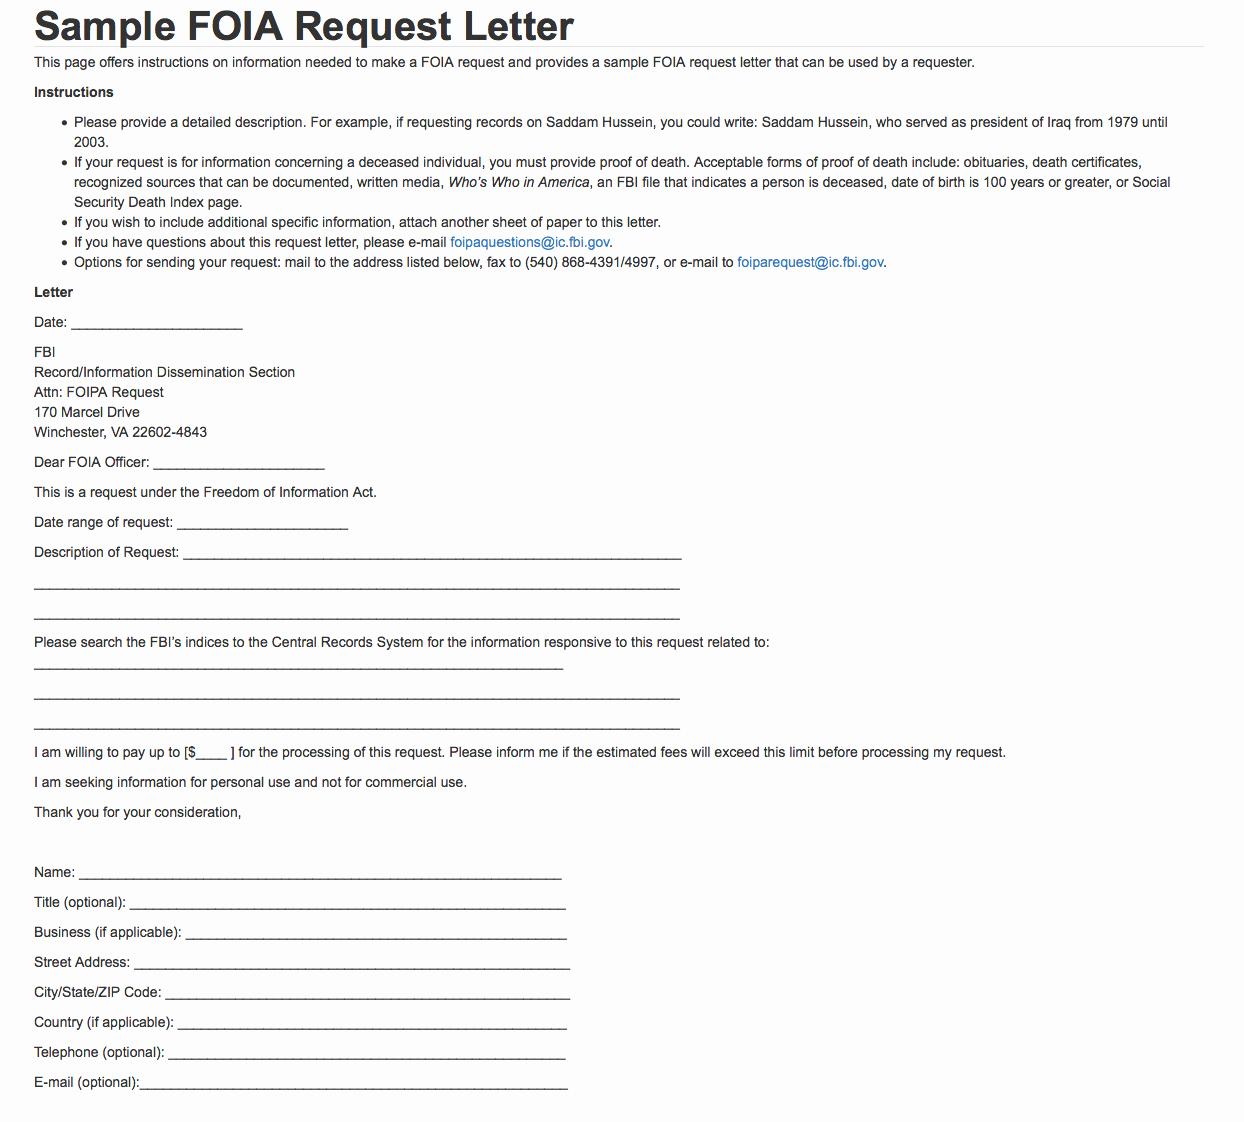 Request Letter Sample format Elegant Sample Foia Request Letter — Fbi